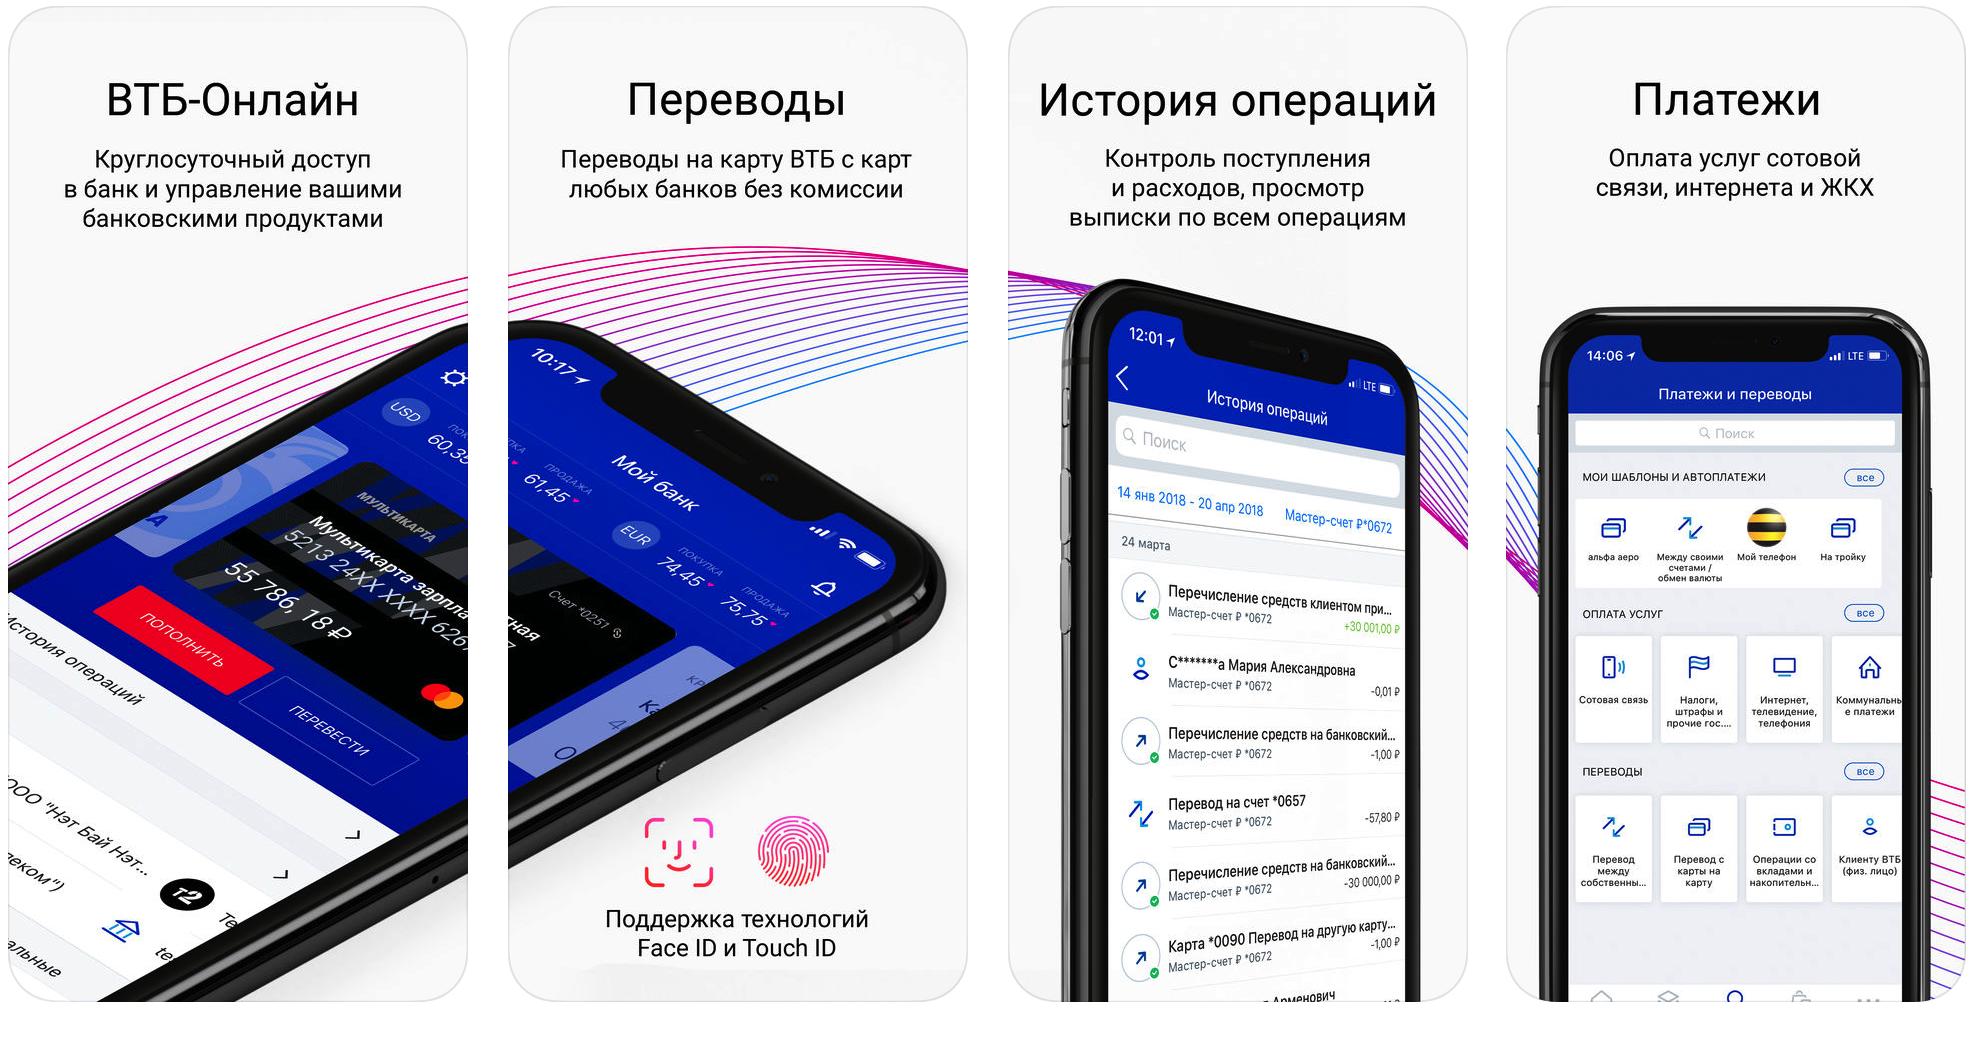 vtb-mobile.png